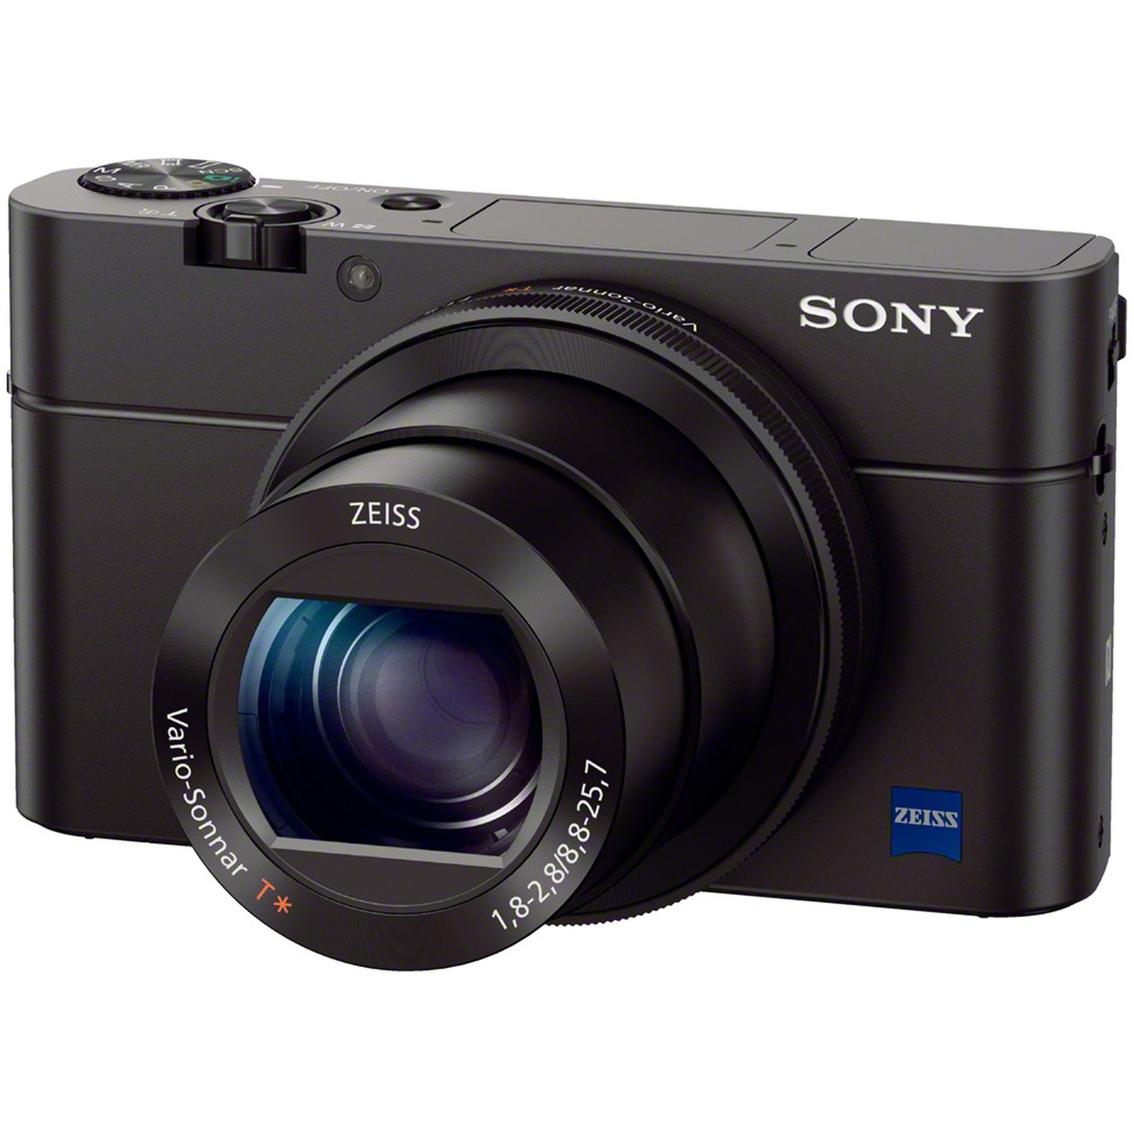 Sony RX-100 III - AAFES $487.47